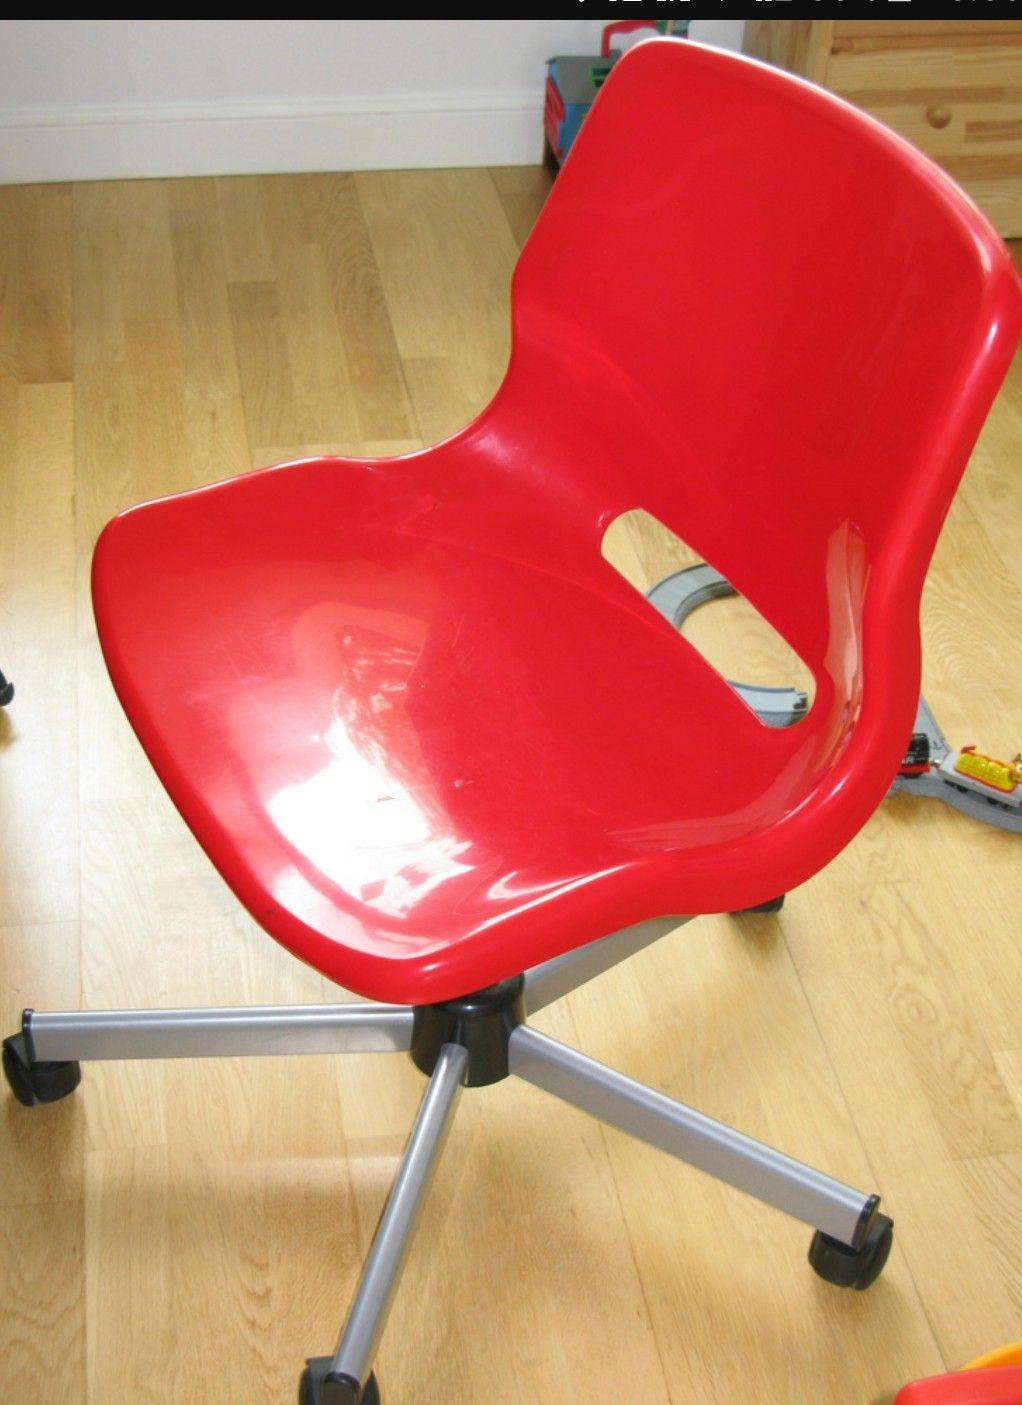 Red desk image by Natalie Hulyer on Charlie's bedroom